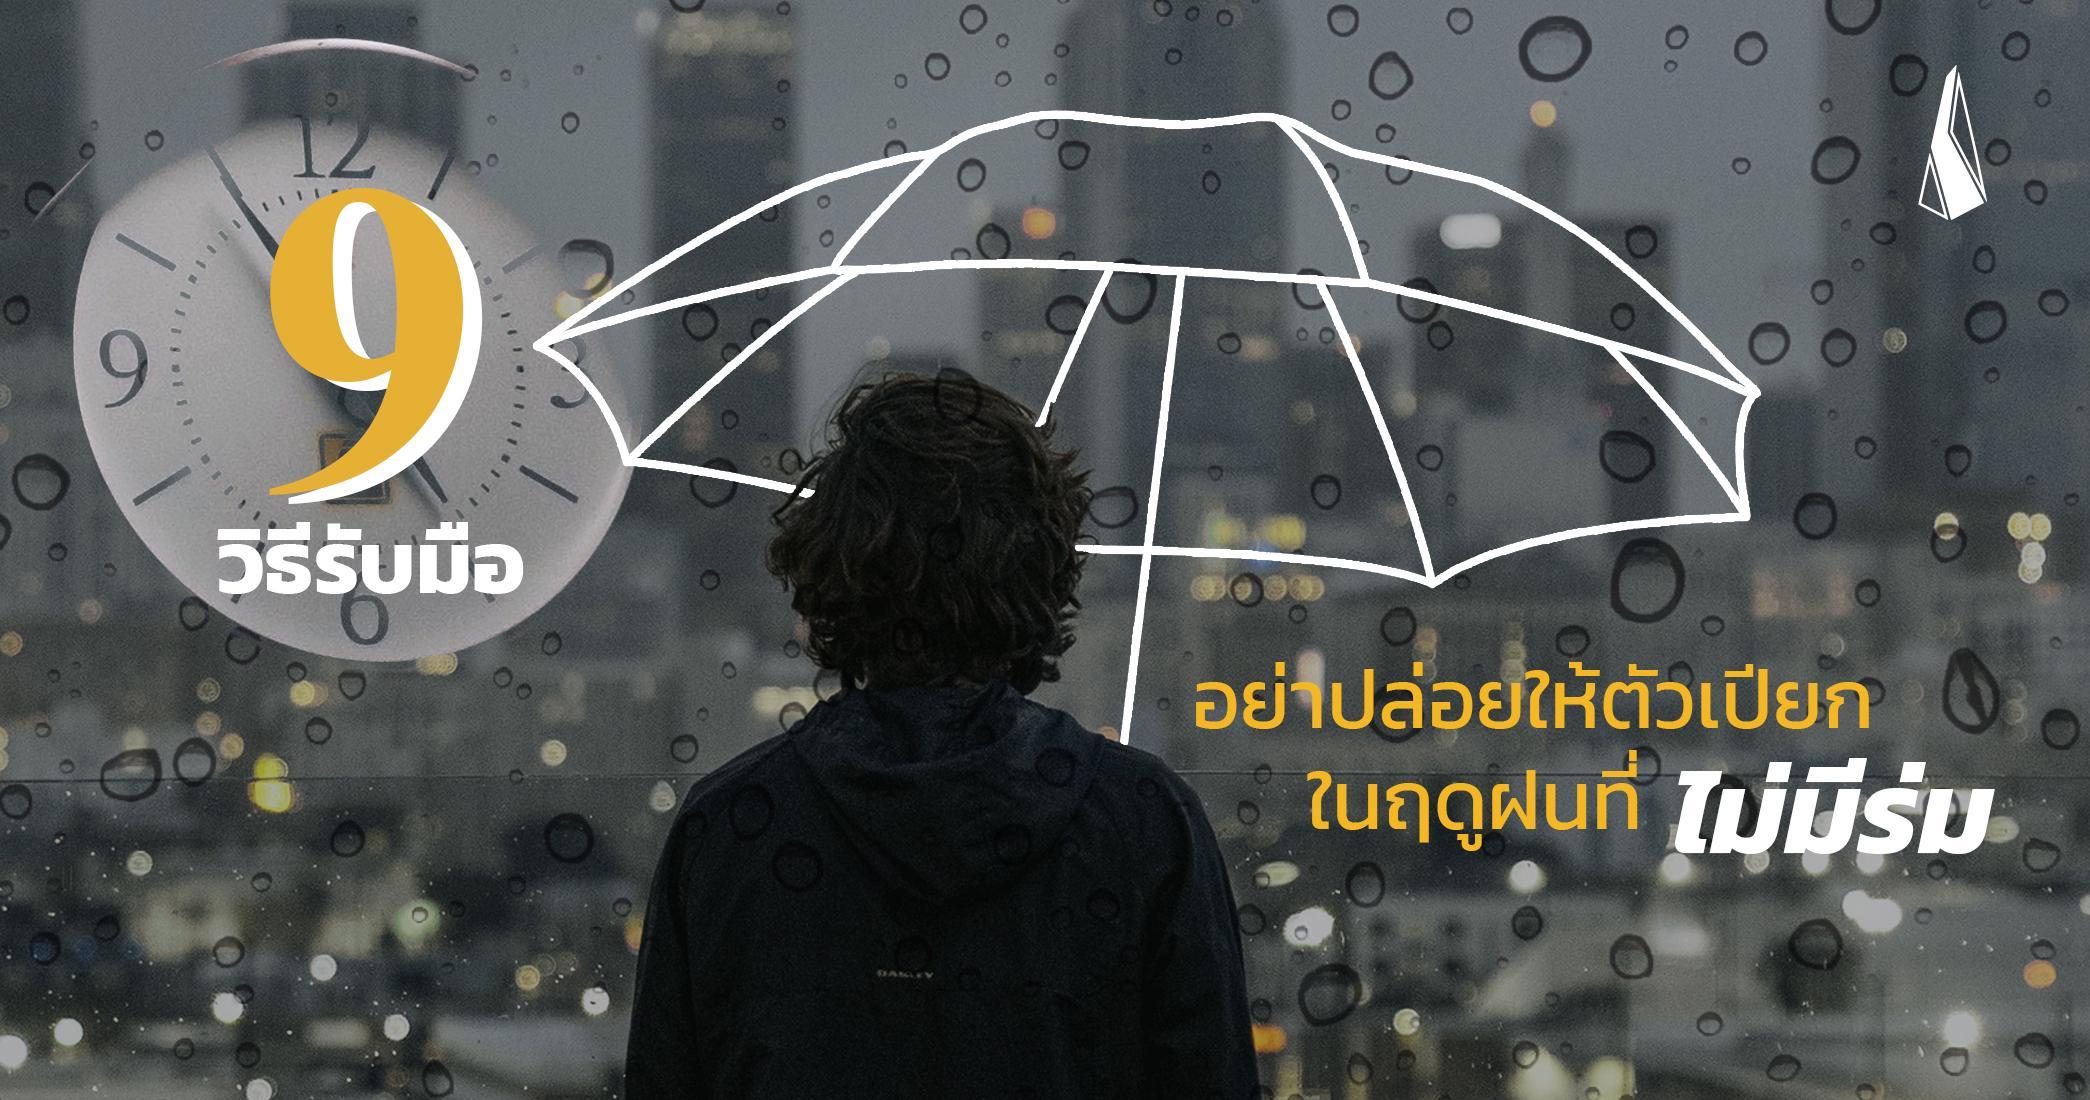 รูป Recent From Writer 9 วิธีรับมือ อย่าปล่อยให้ตัวเปียกในฤดูฝนที่ไม่มีร่ม